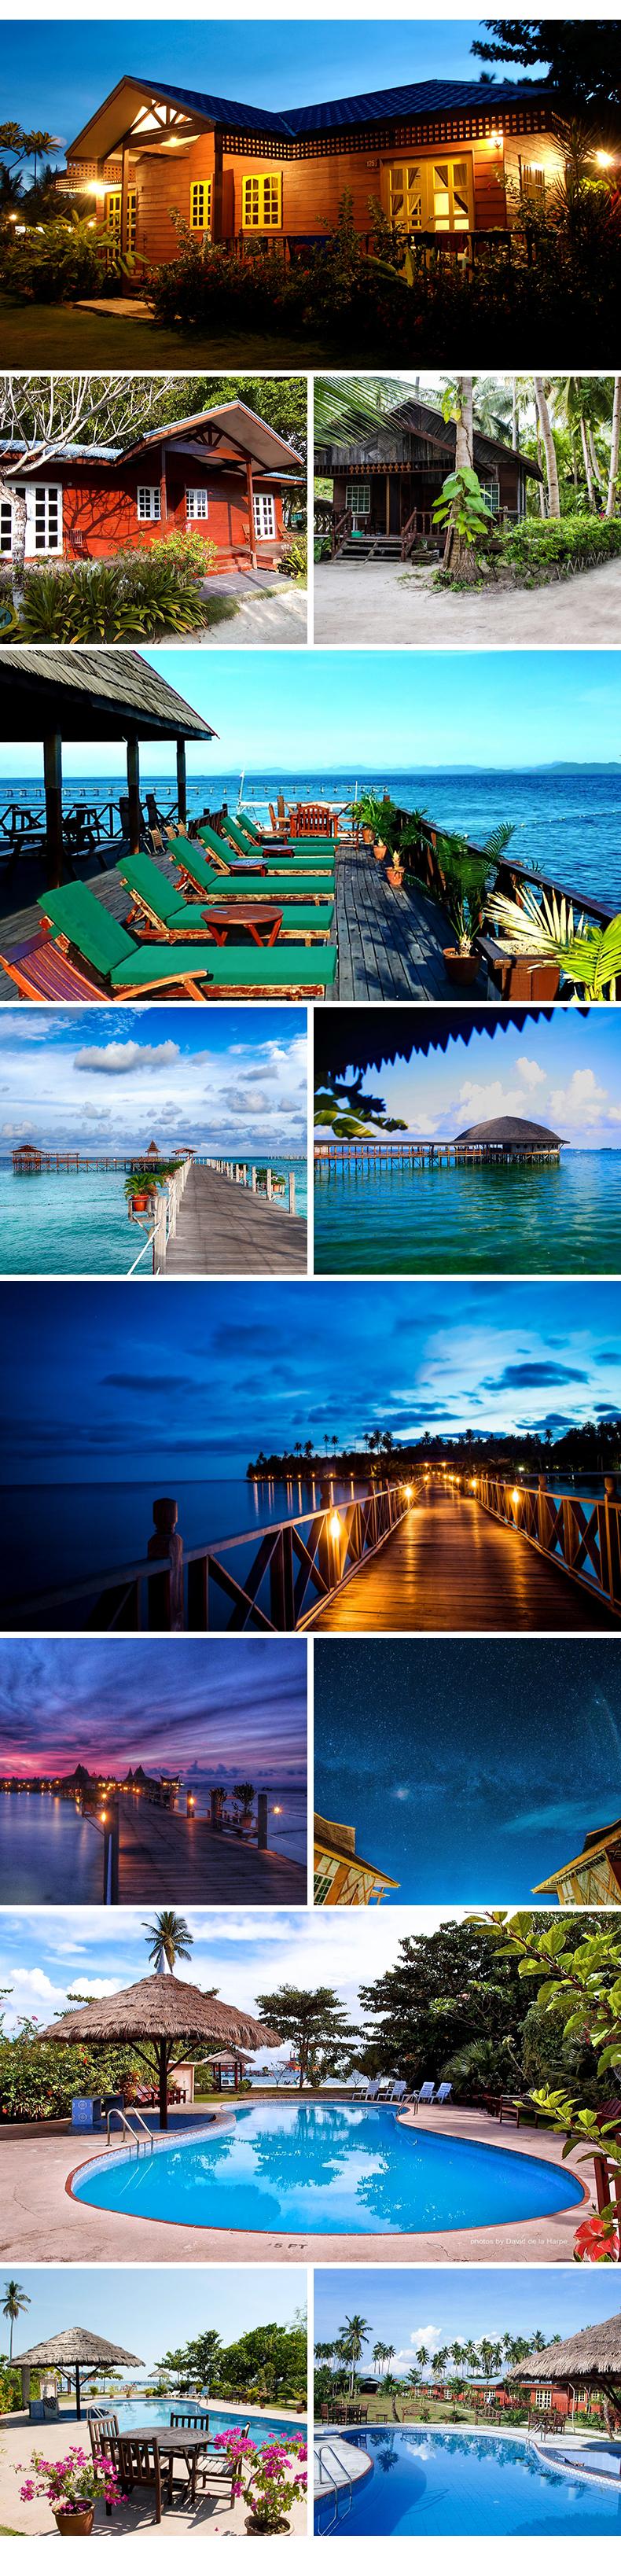 婆罗洲潜水马布度假村 Borneo Divers 仙本那马步岛诗巴丹 潜客